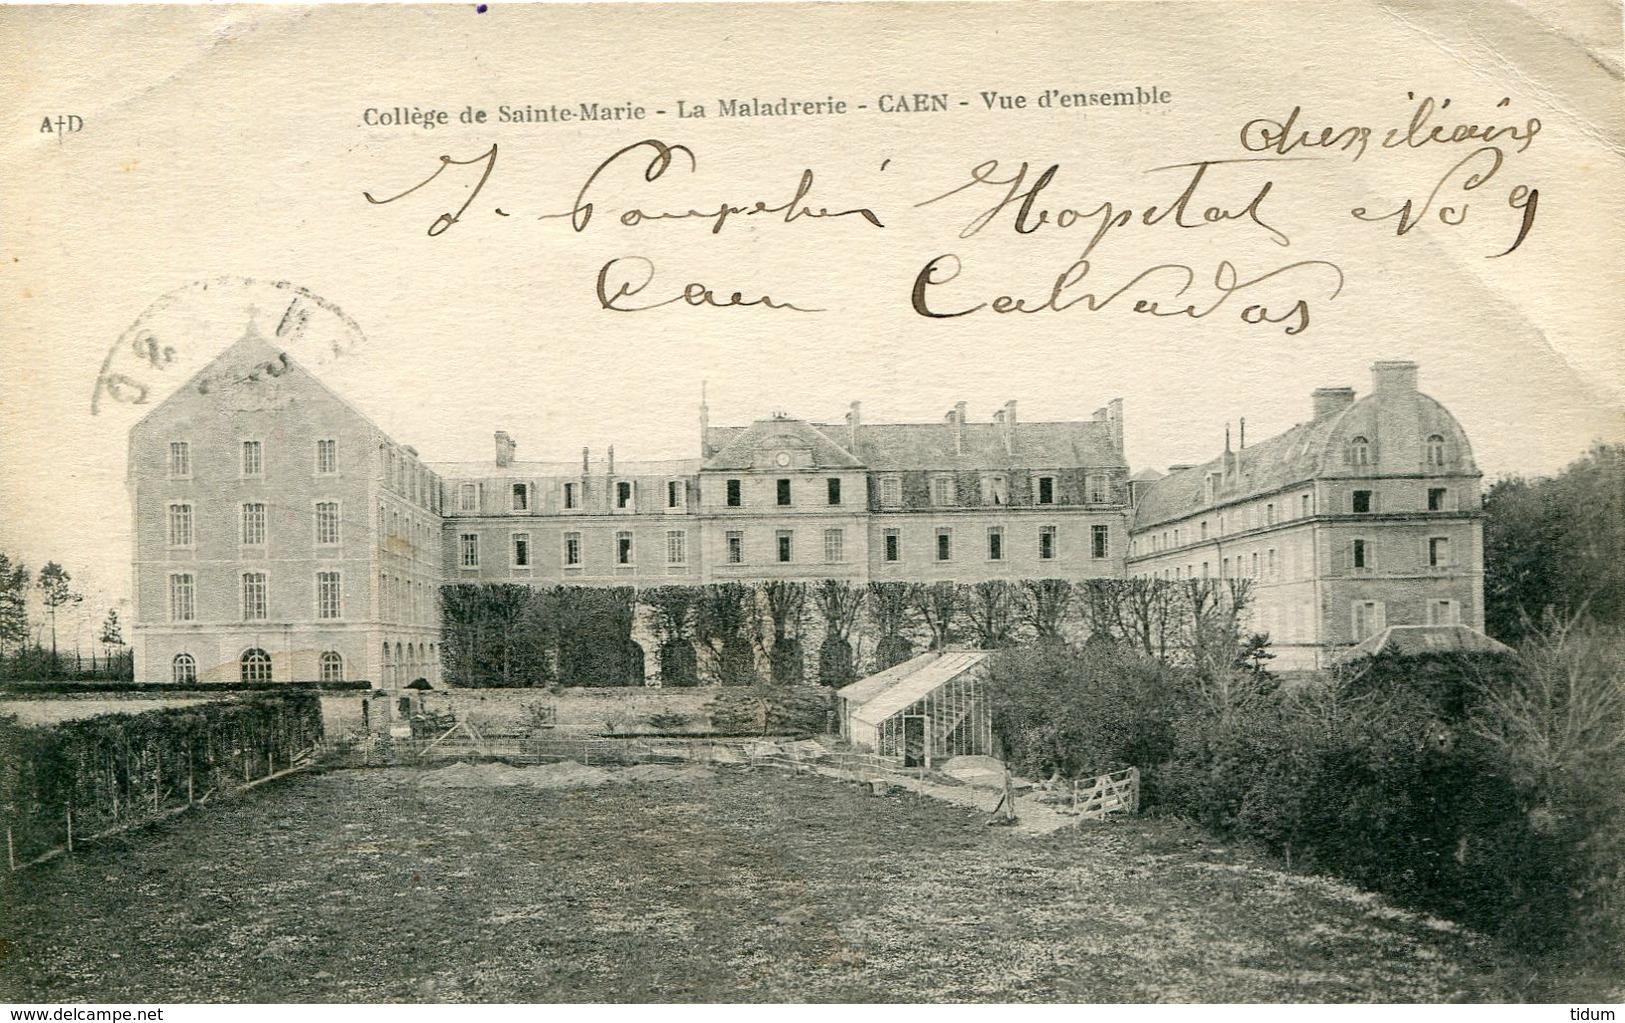 14 - CAEN - Collège De Sainte-Marie. La Maladrerie. Vue D'ensemble - Caen